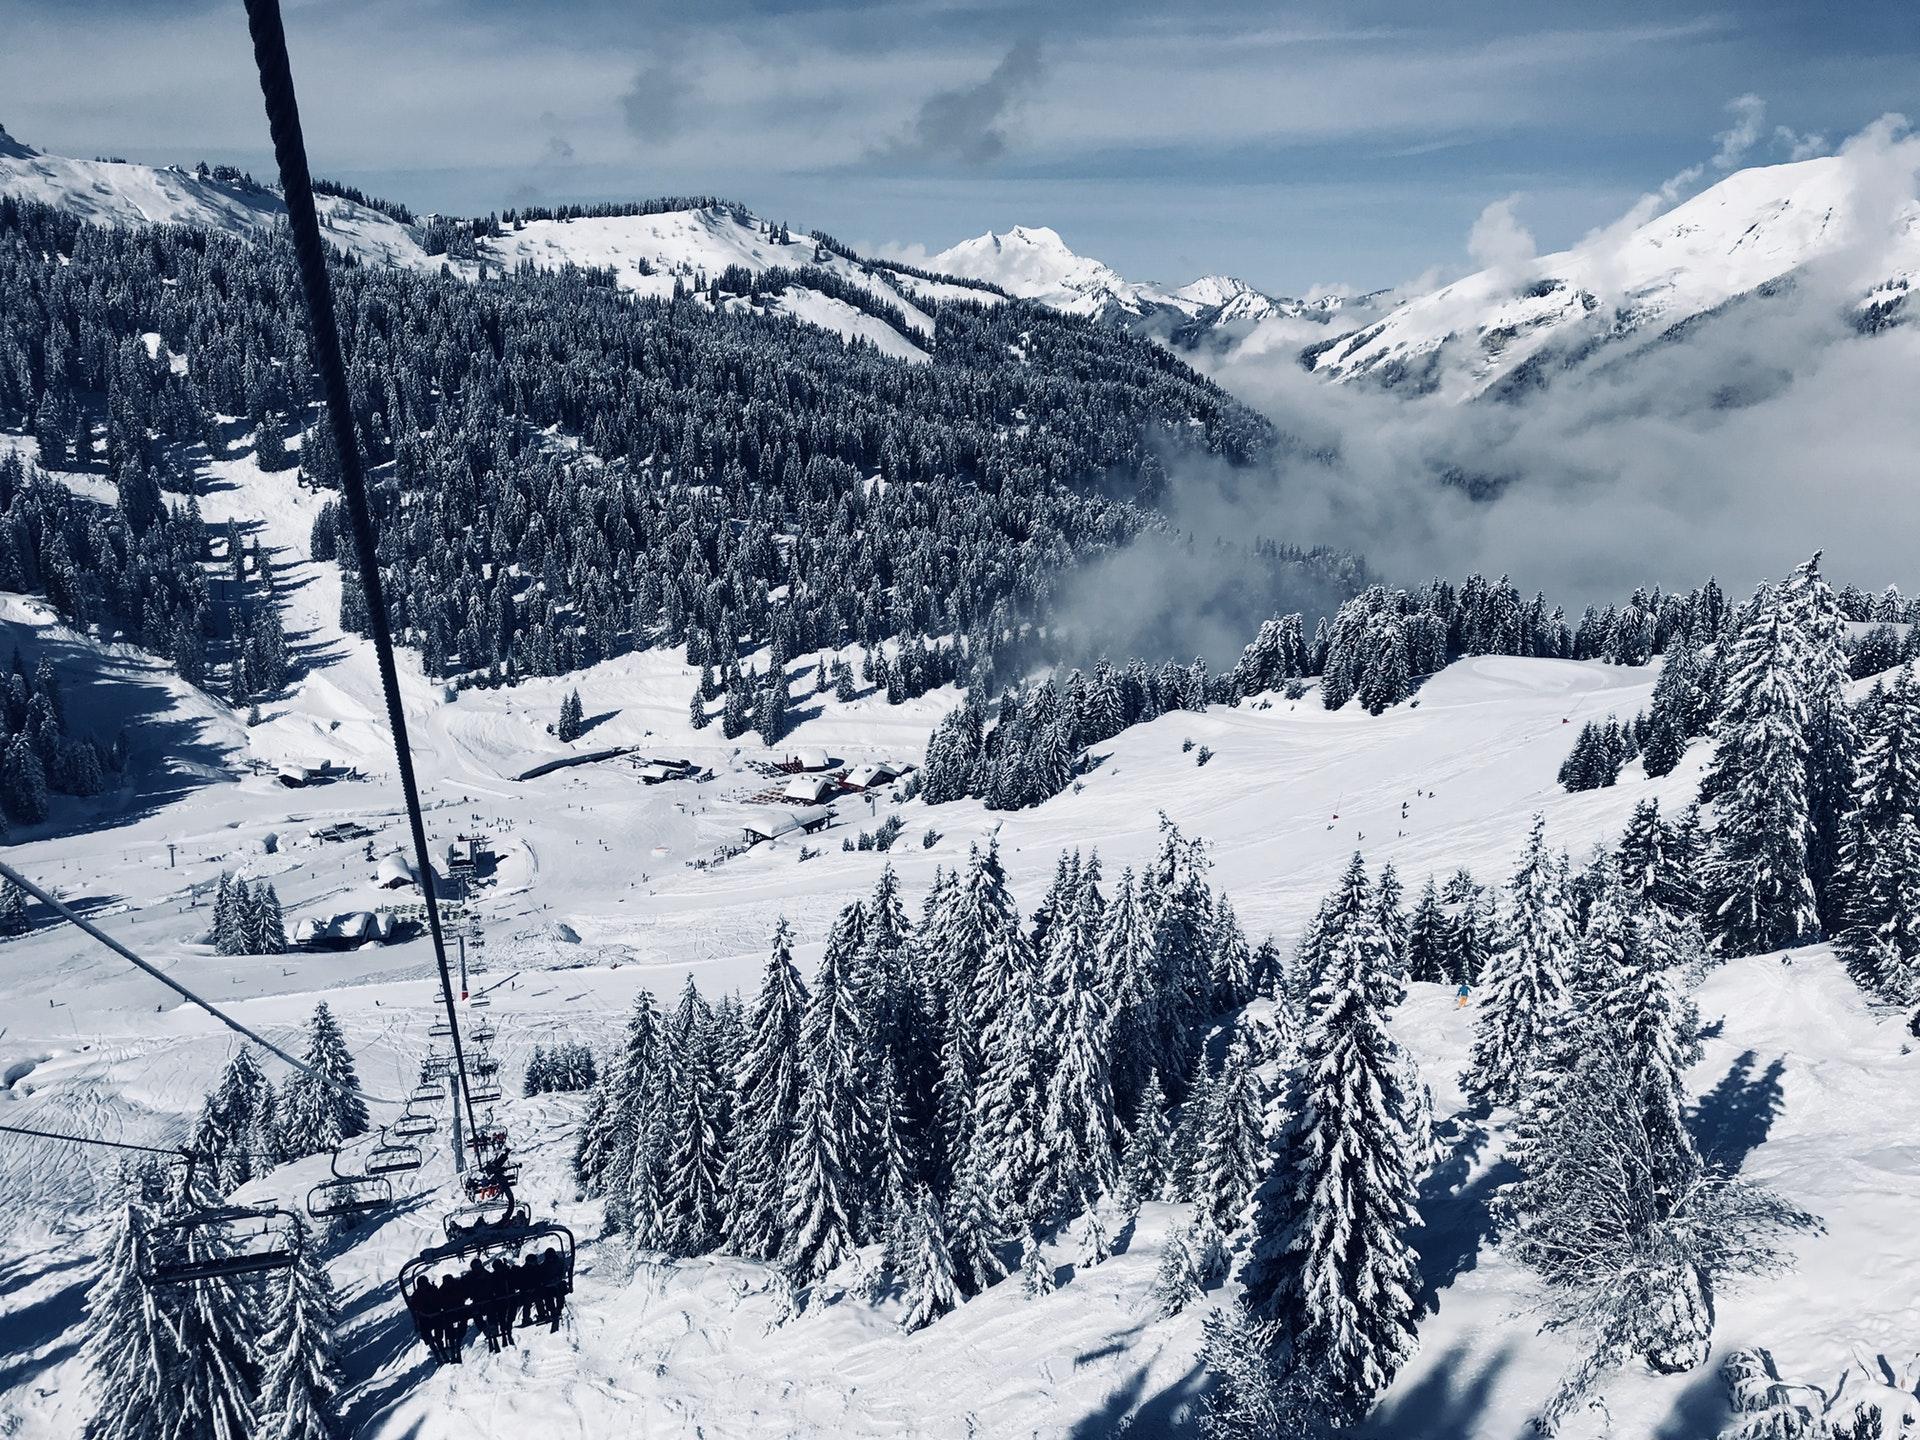 Gdzie na narty w Polsce - które stoki narciarskie już działają?